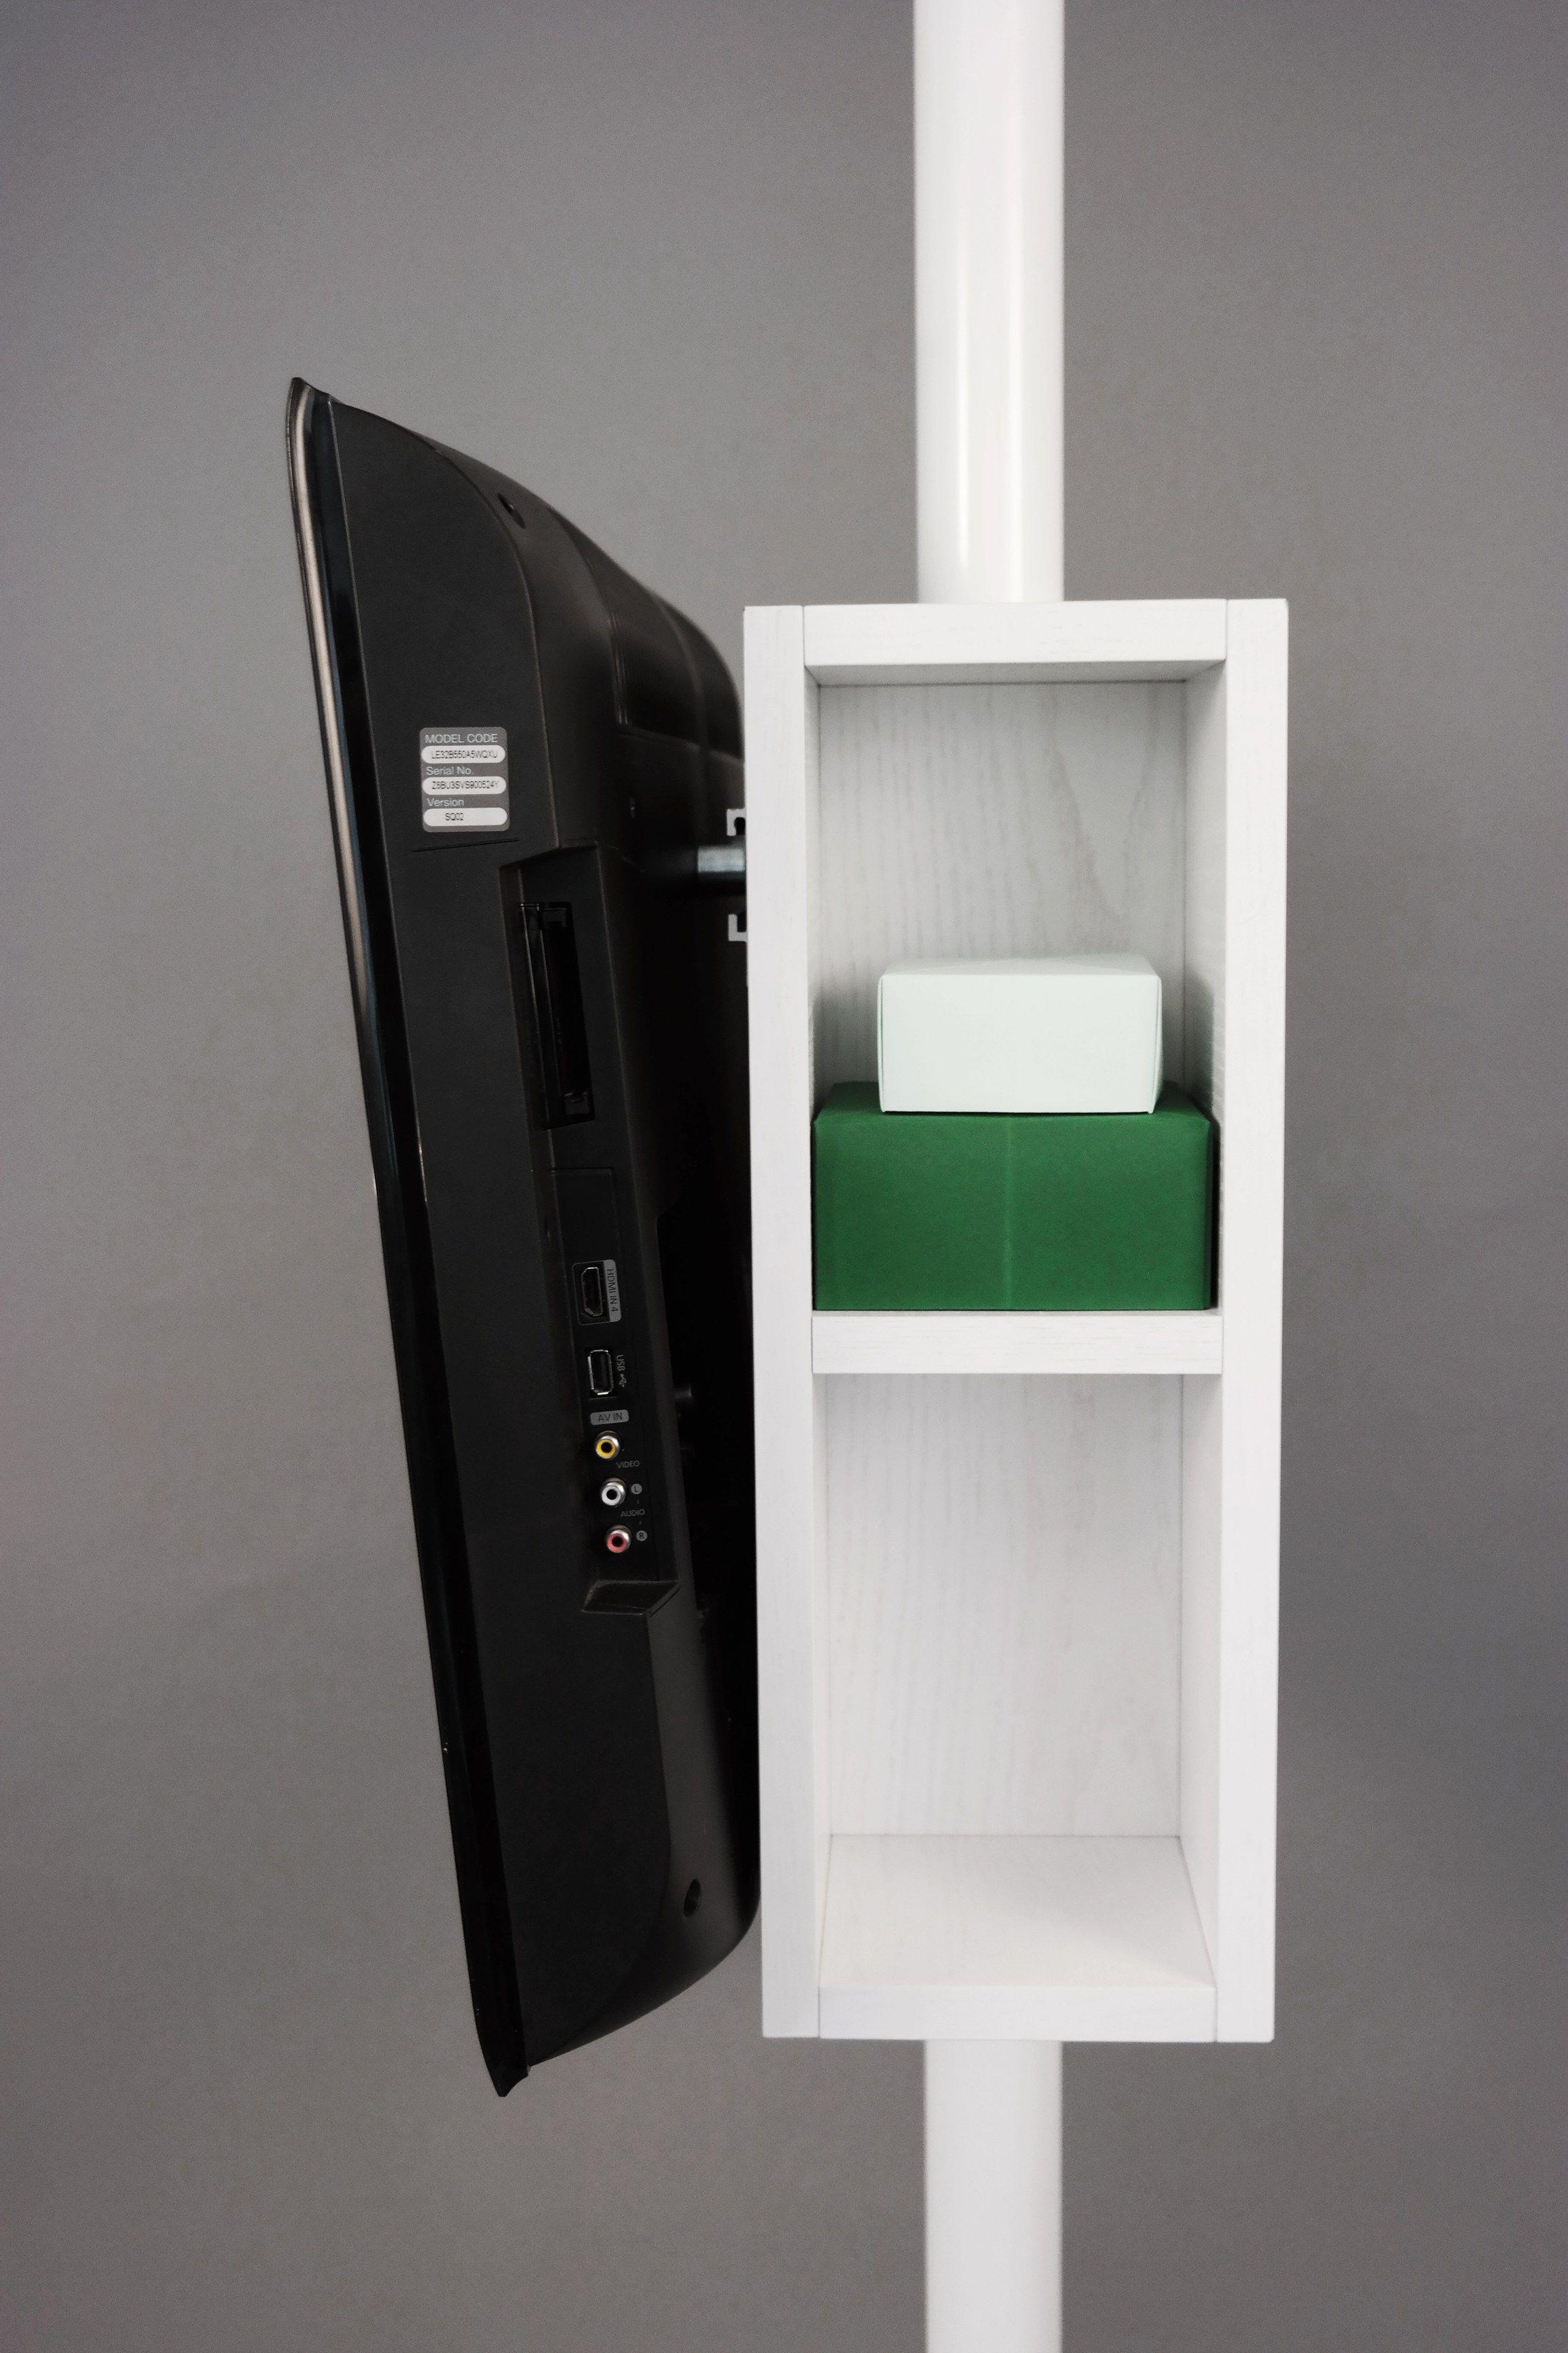 meuble tv orientable showstand by resize design design viktor lindb ck. Black Bedroom Furniture Sets. Home Design Ideas